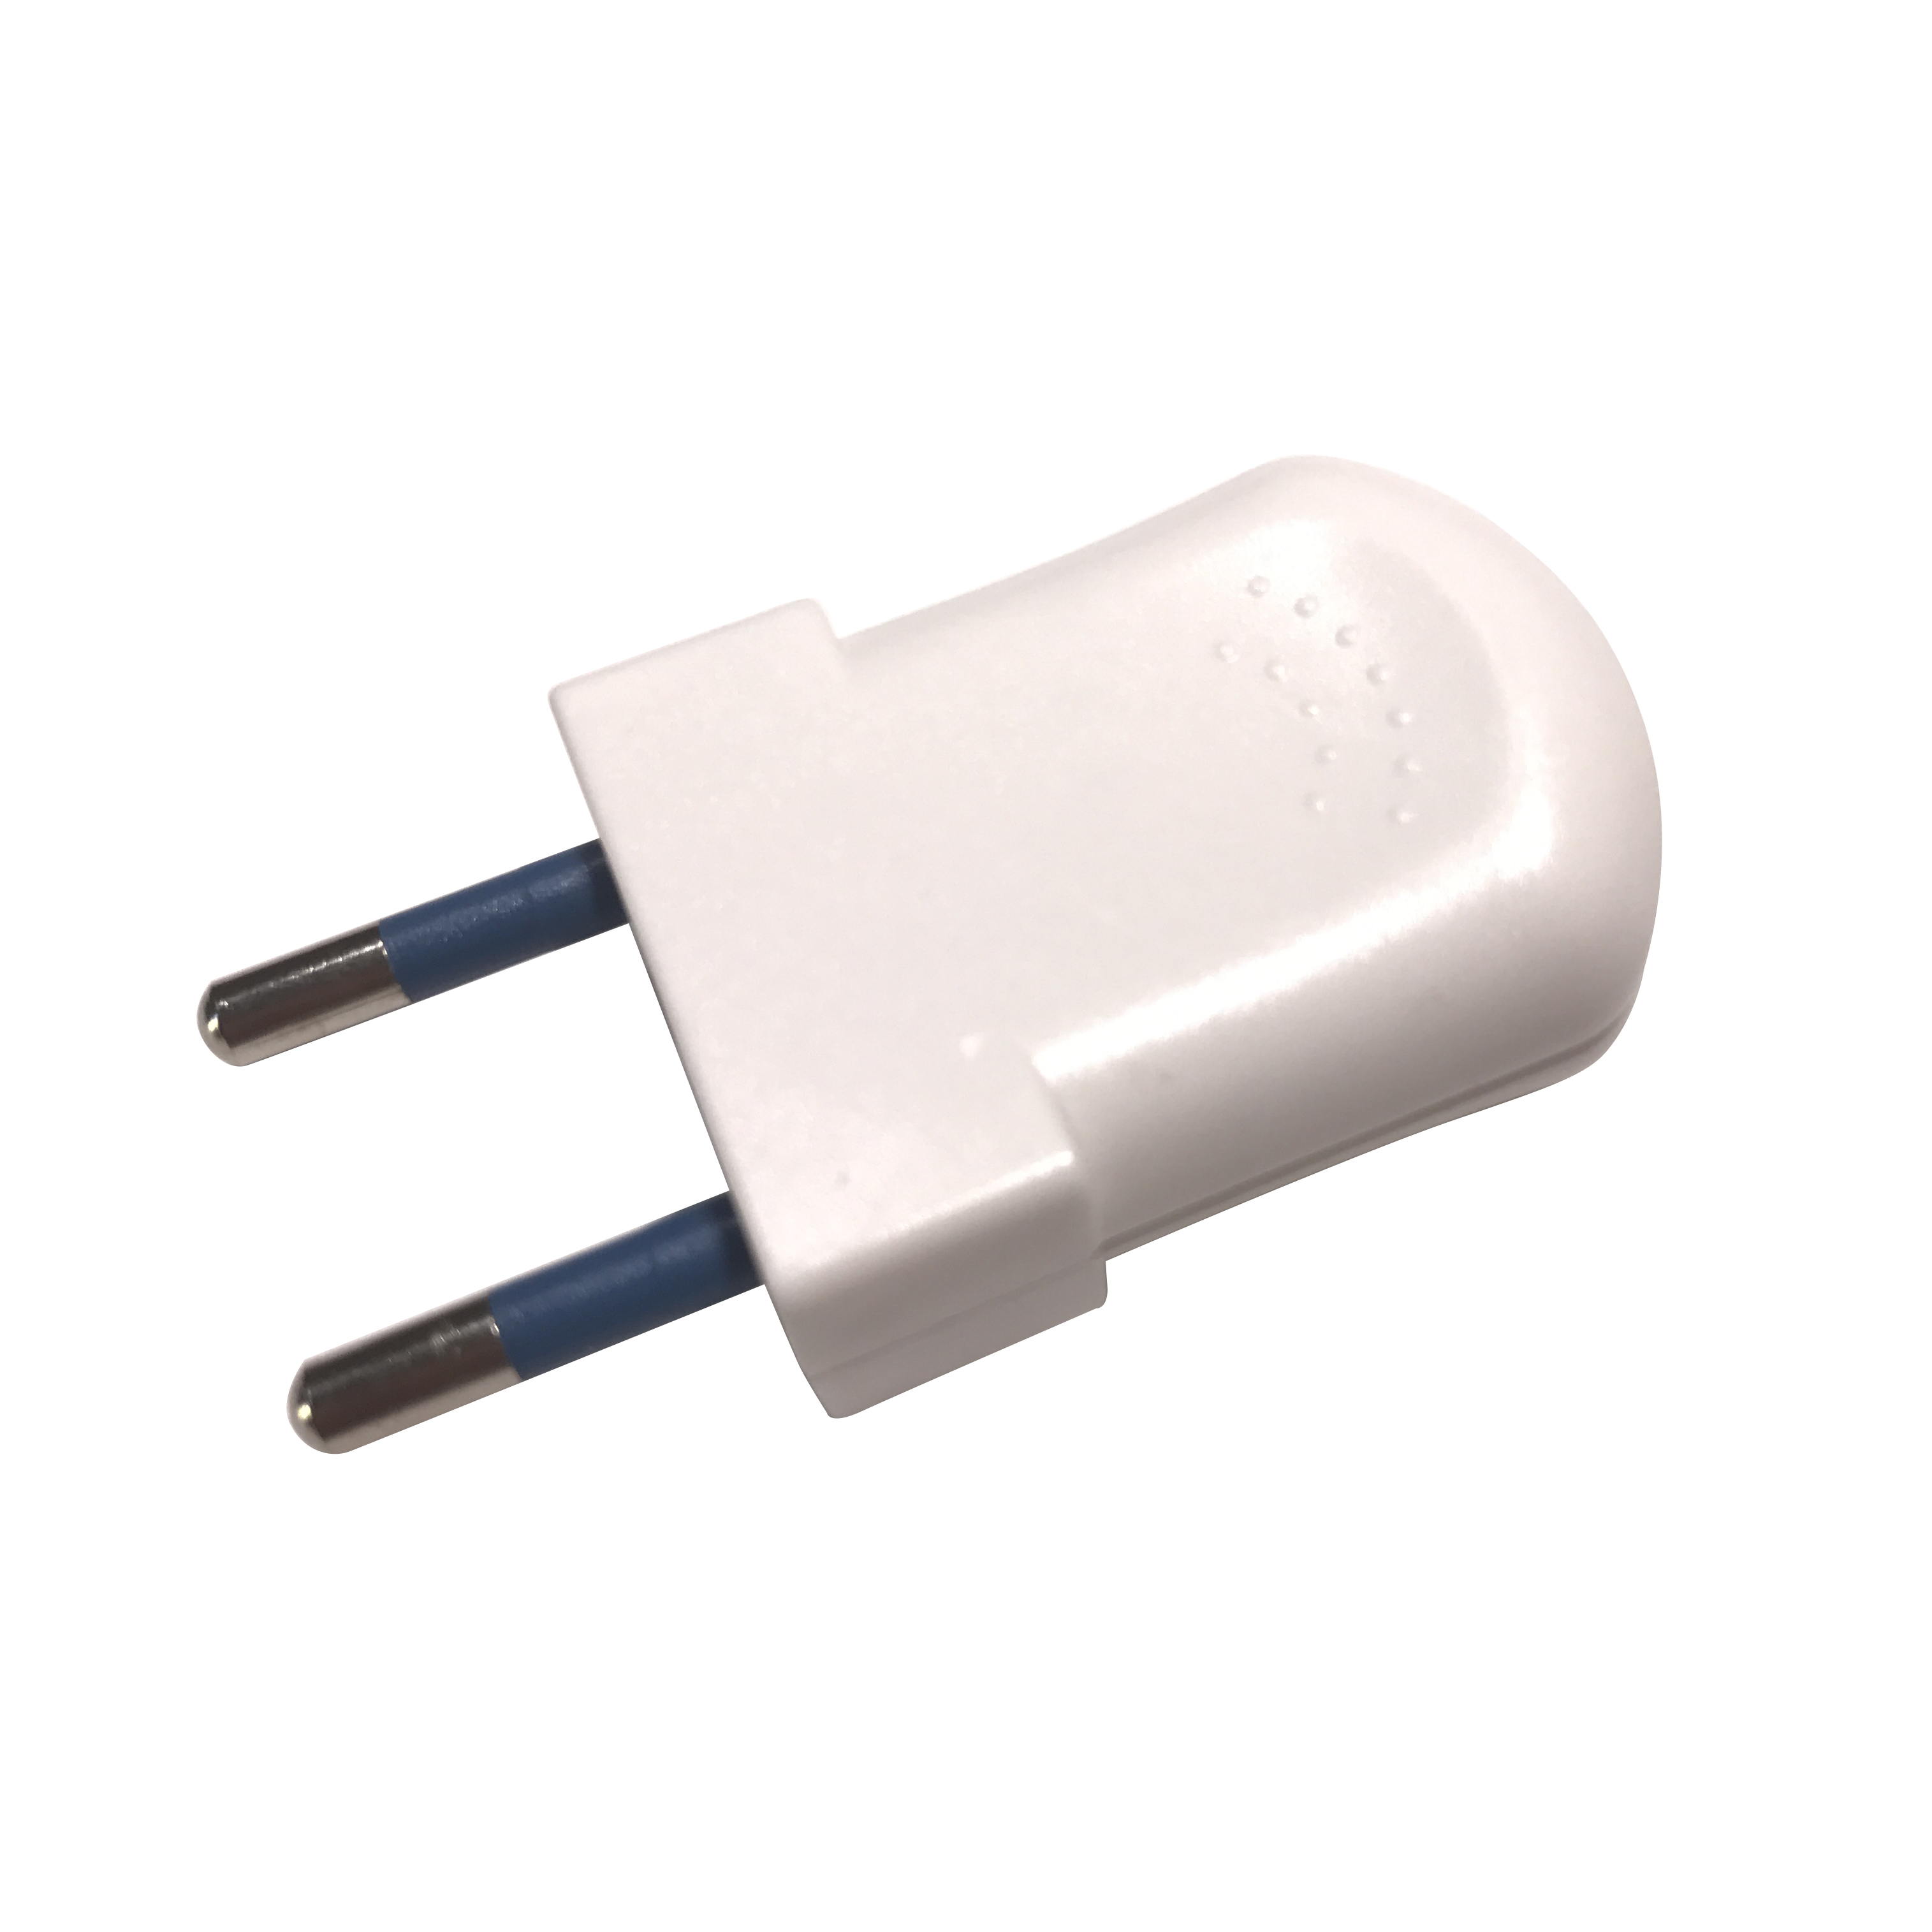 Clavija enchufe para l mparas color blanco enchufes y - Interruptores para lamparas ...